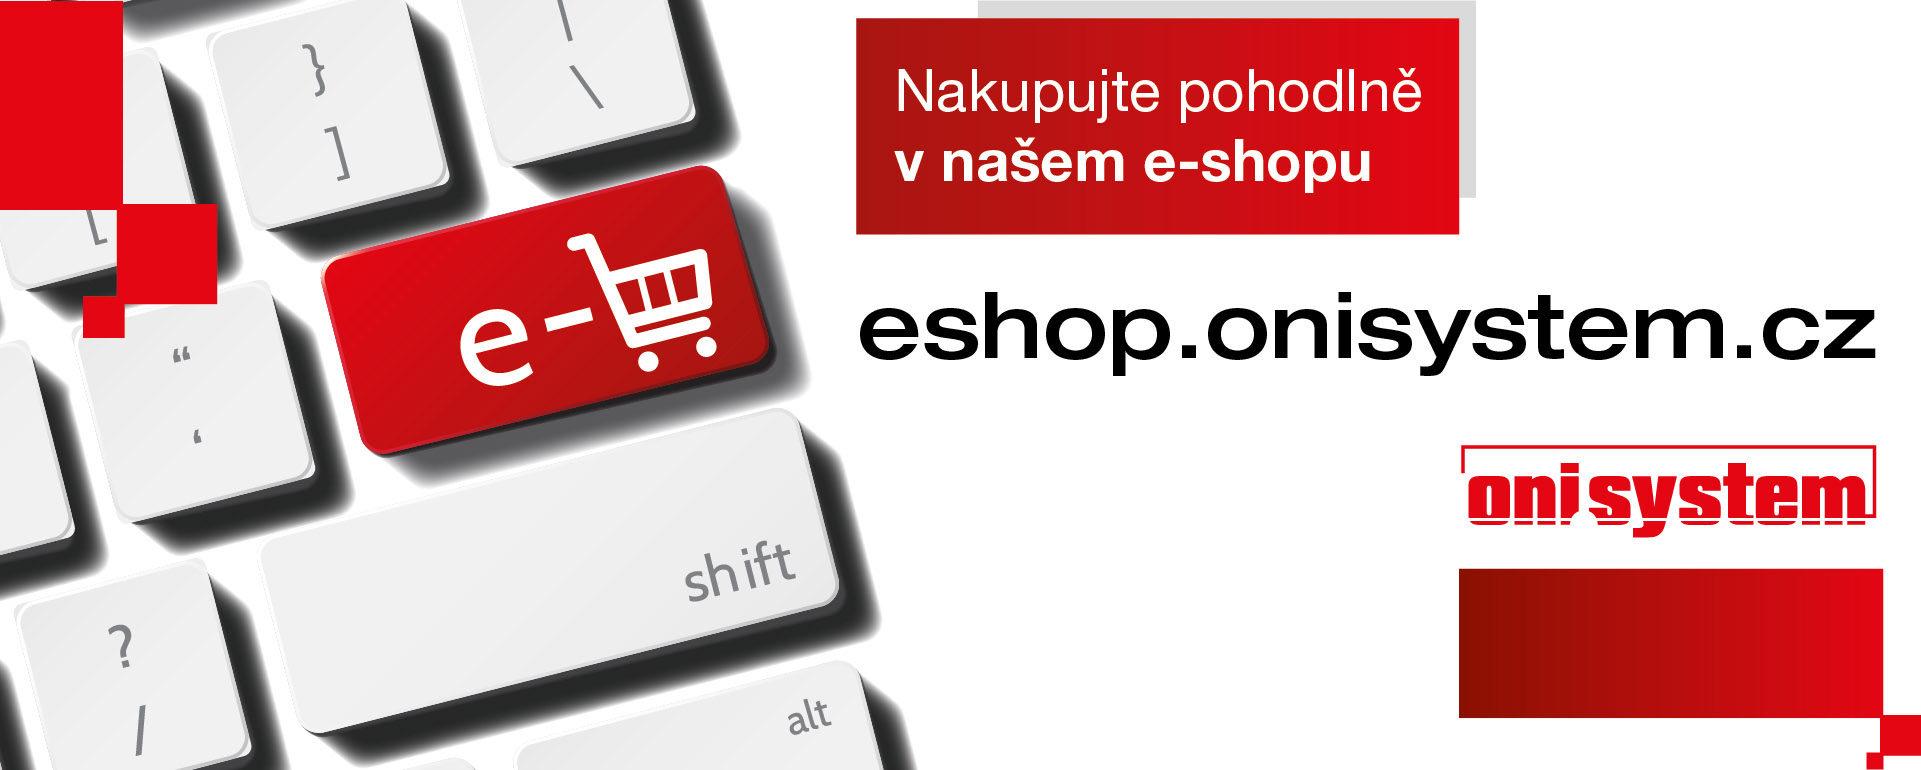 E-shop ONI system